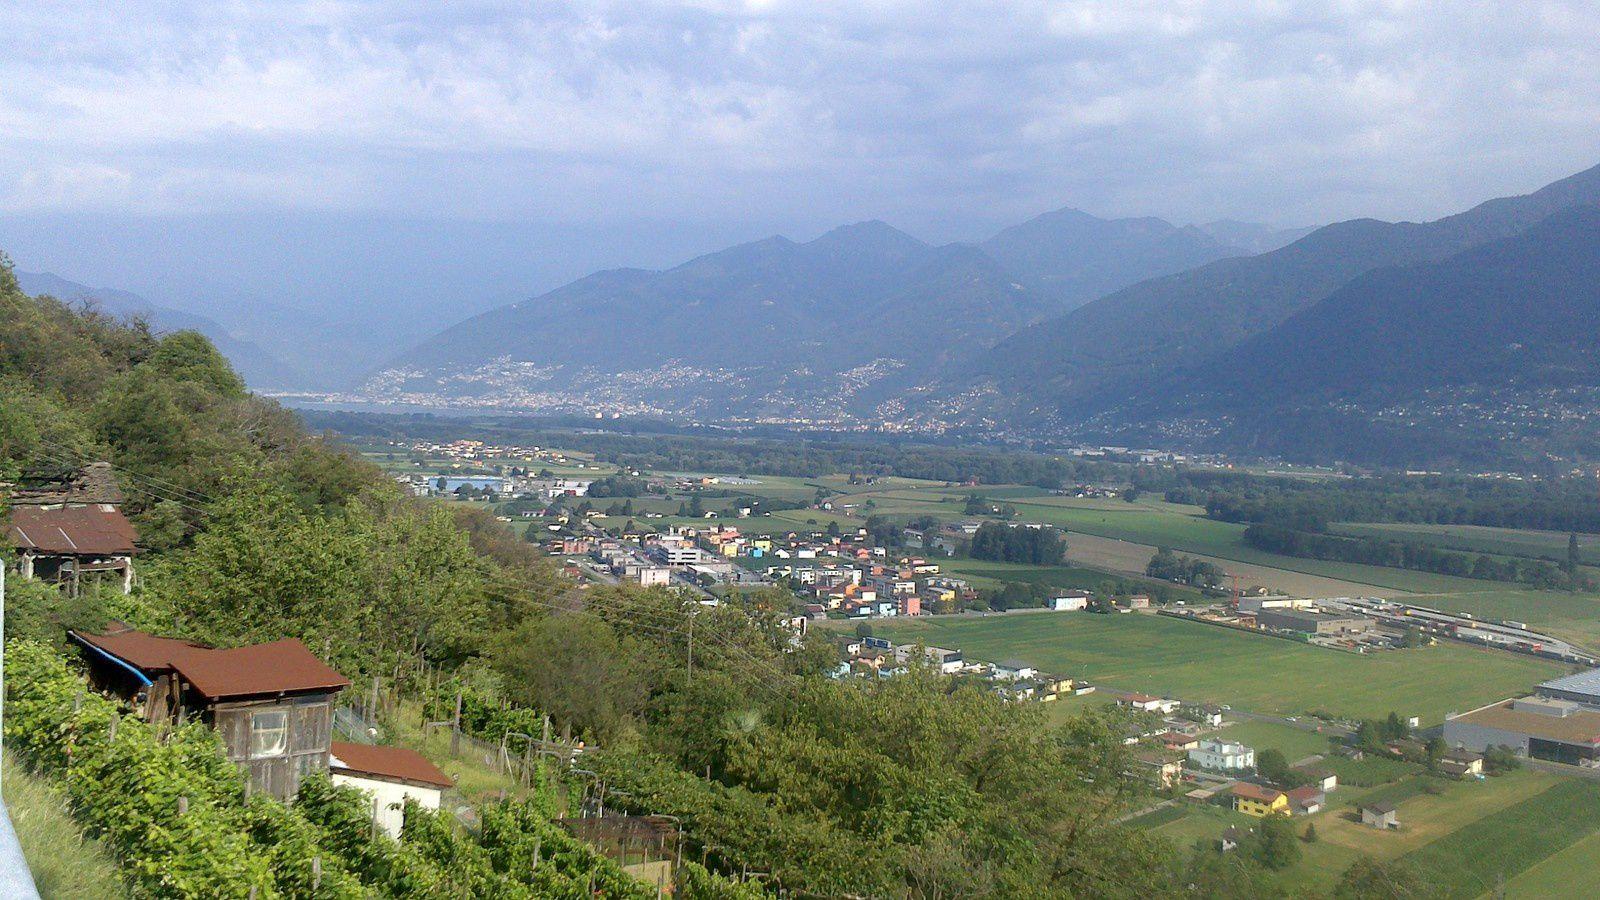 """après une nuit de repos près du Ticino à Bellizonna (pour l'anecdote, il existe un camping à Bellizonna, j'y ai demandé le tarif pour une nuit, on m'a répondu avec un grand sourire """"30 euros"""", à ce prix là, j'ai préféré sans regrets une aire de jeu près de la rivière"""